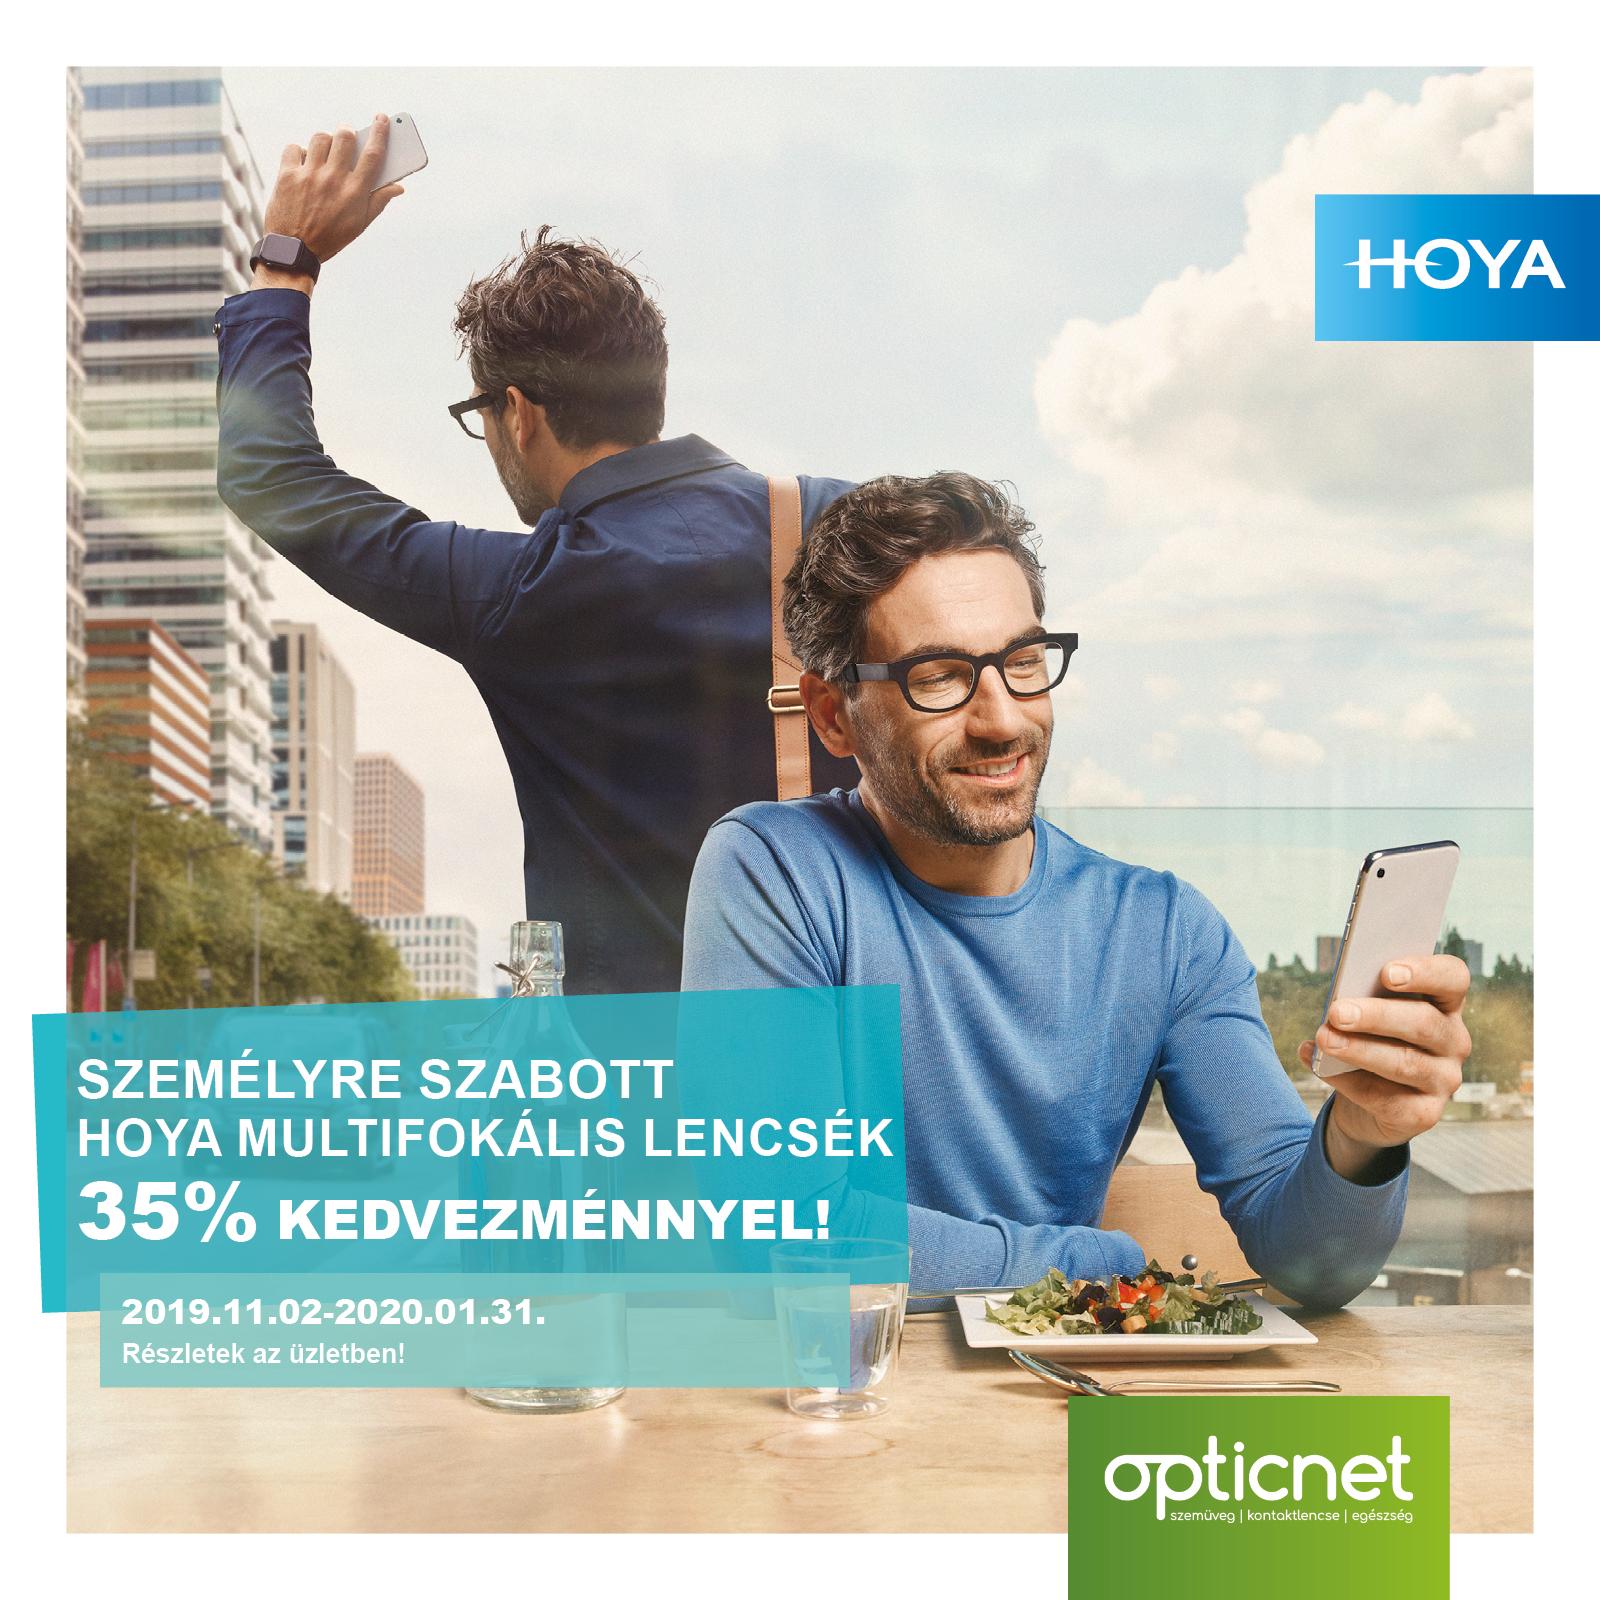 Hoya iD progresszív akció 35 % kedvezménnyel!